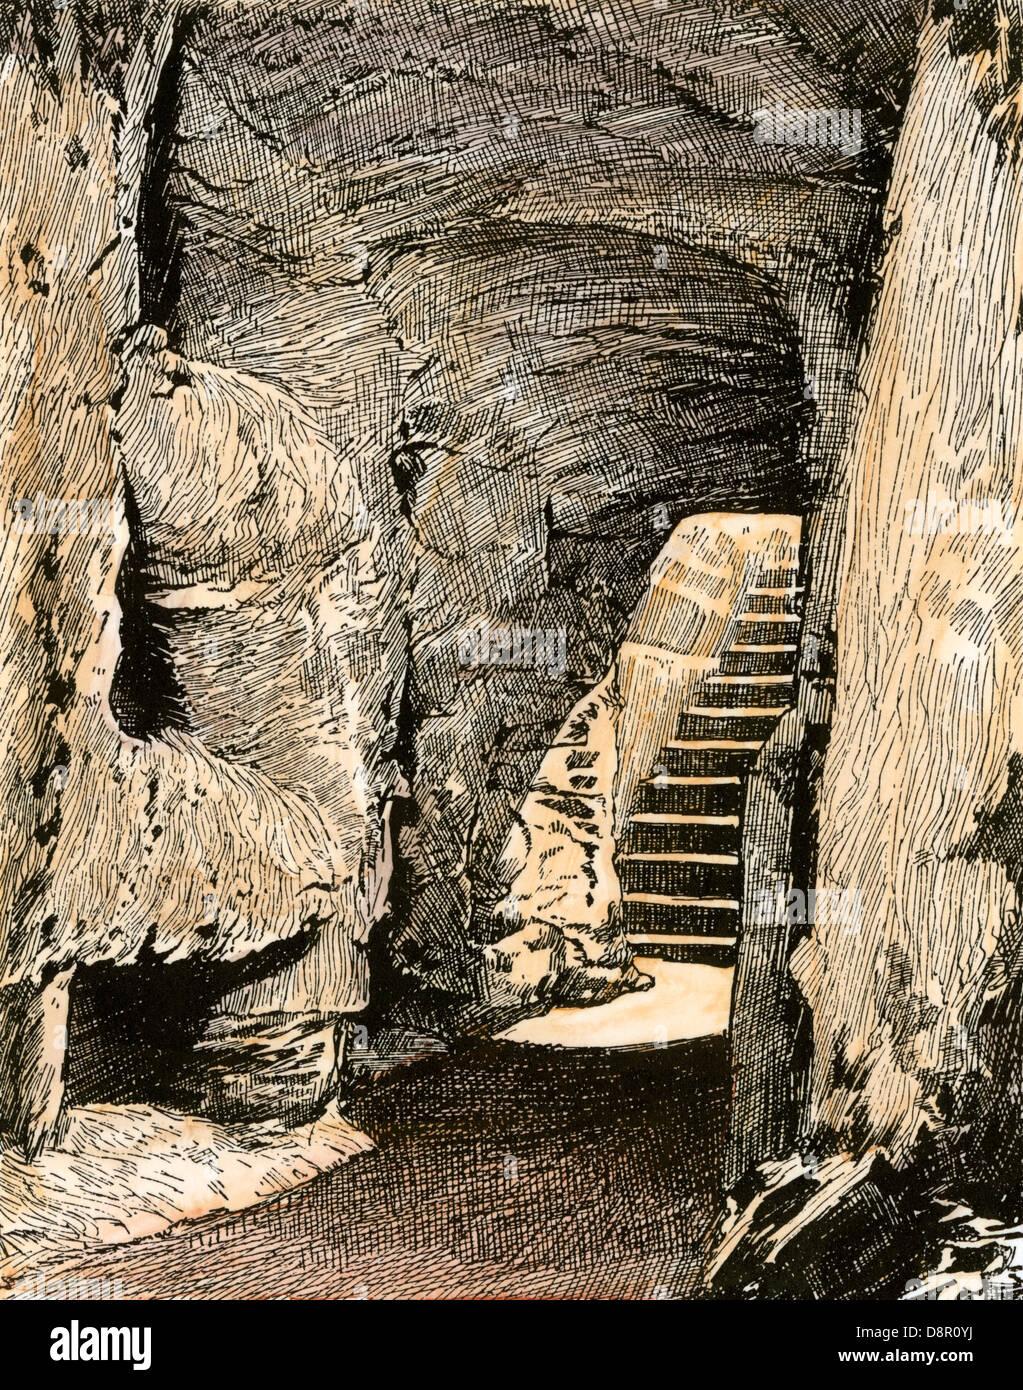 Entrée des catacombes de Rome, où les premiers chrétiens ont été enterrés. À Photo Stock